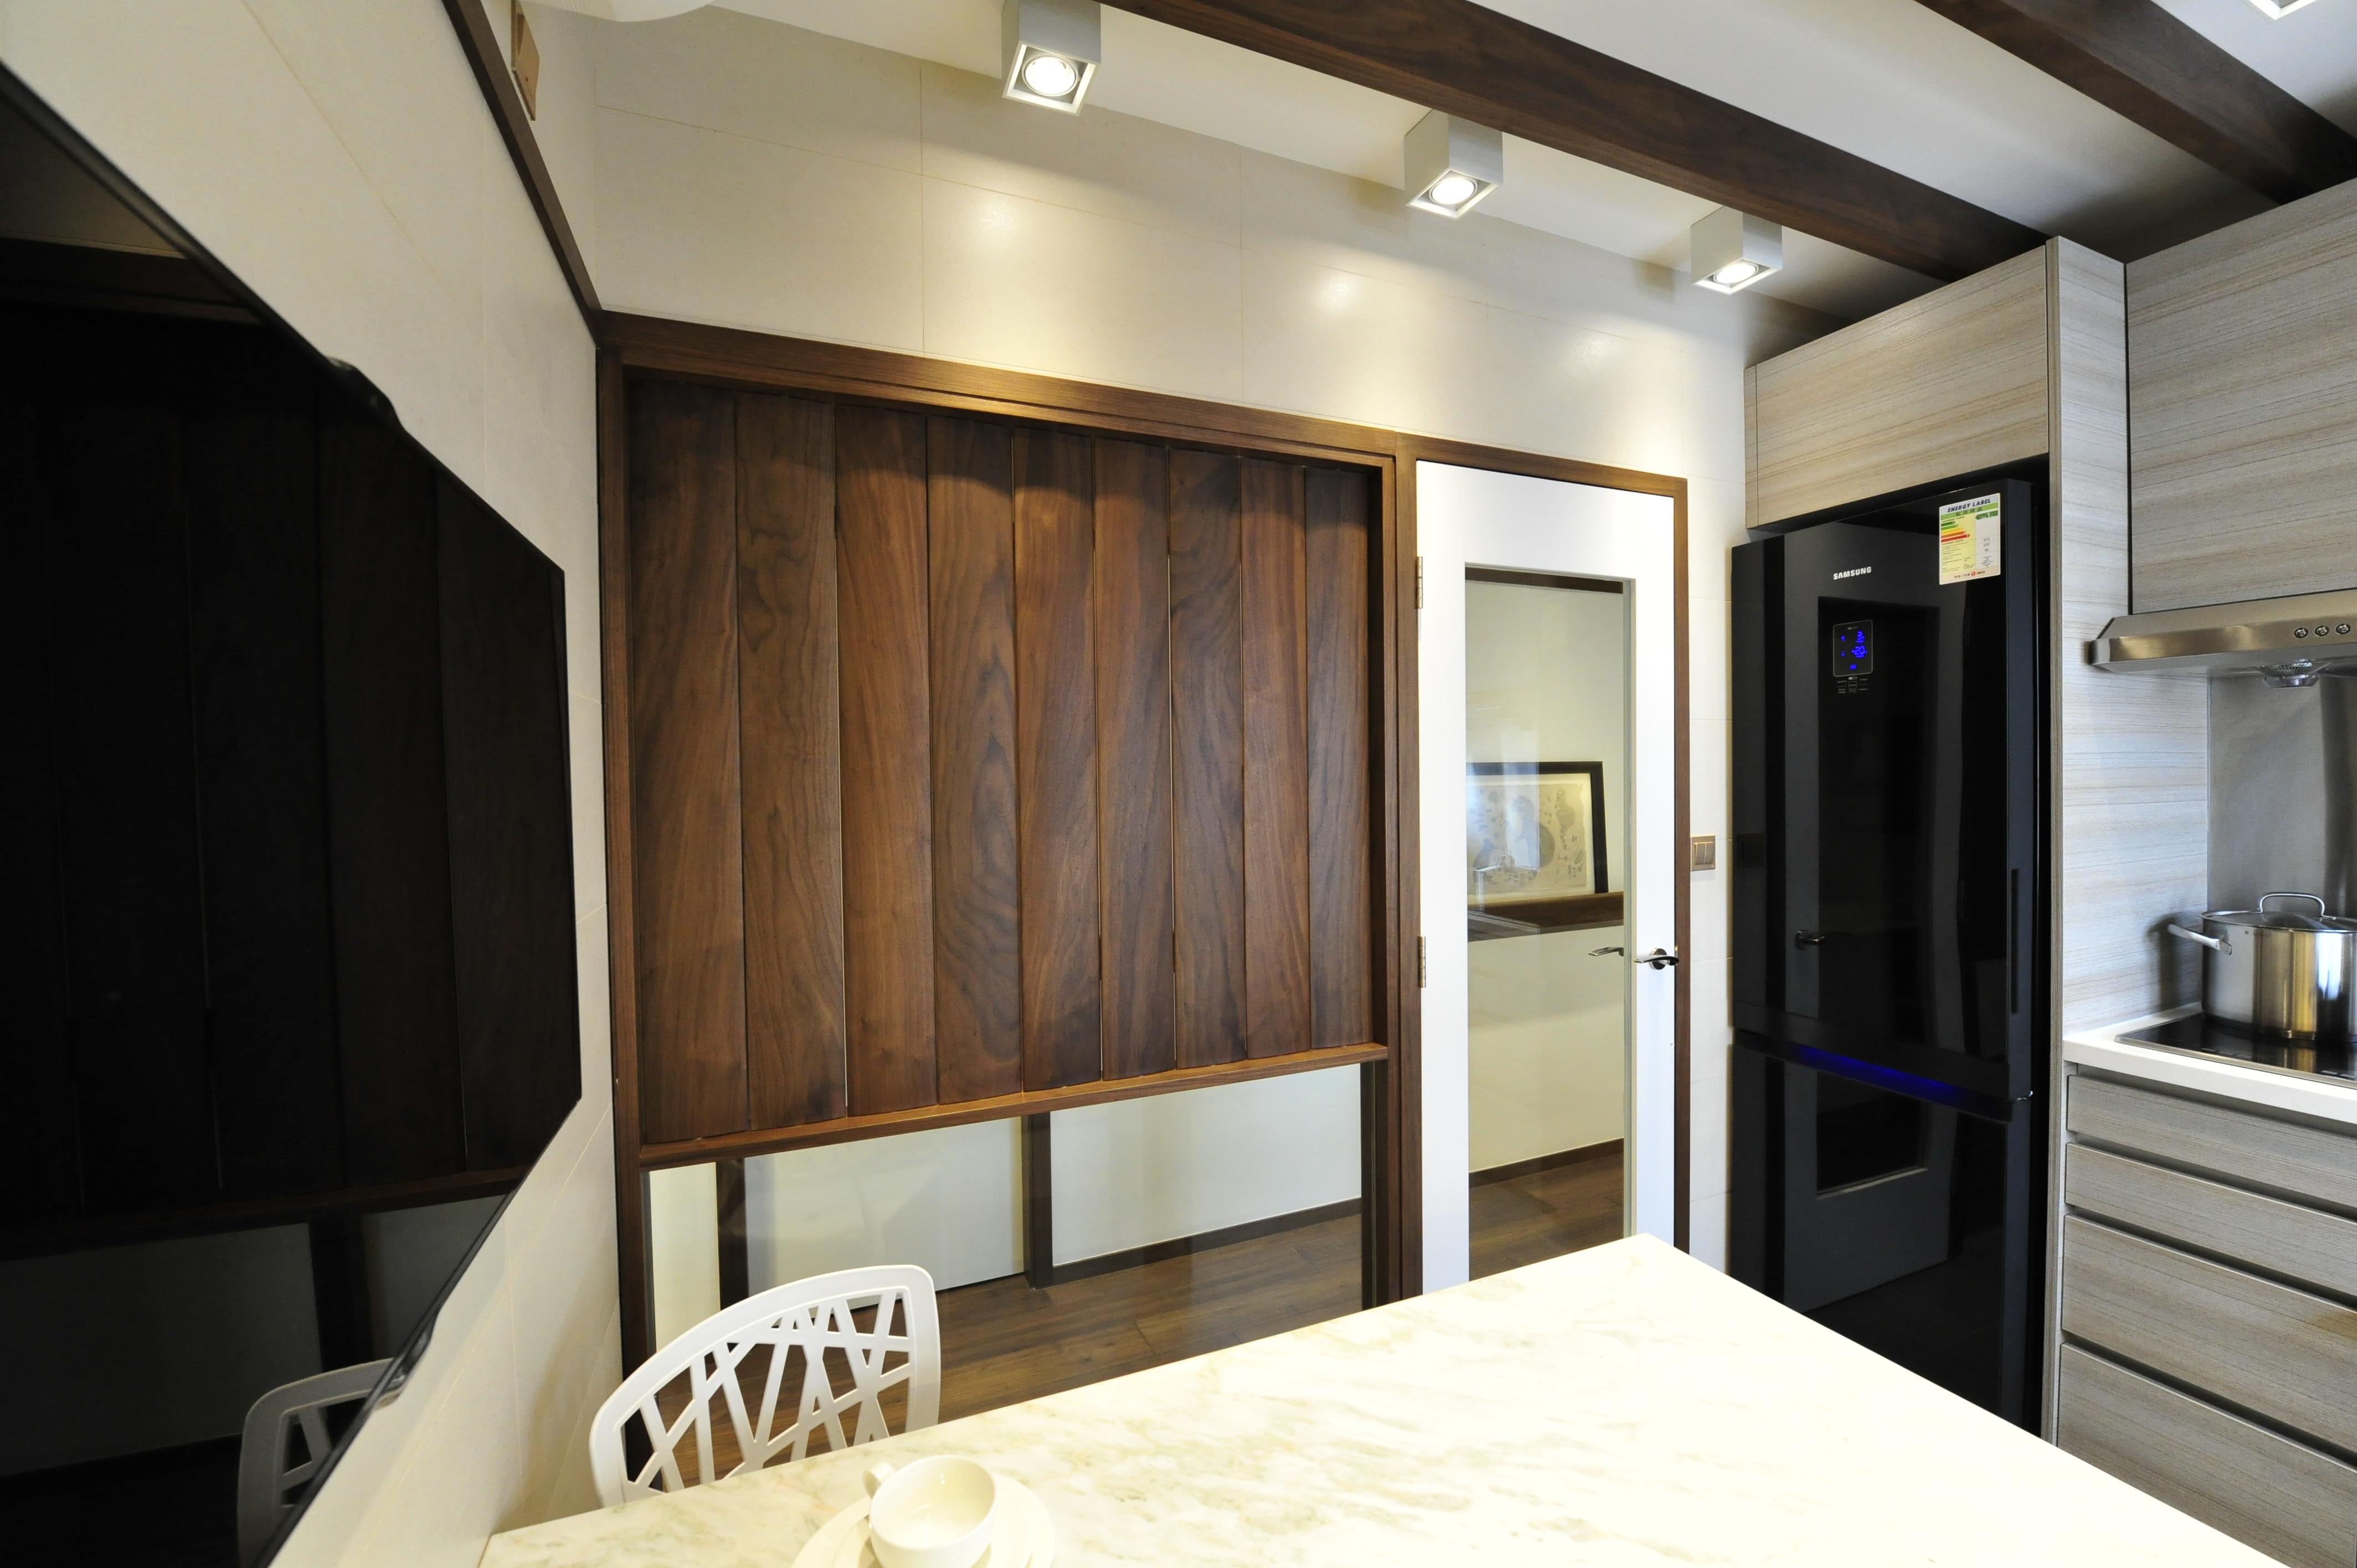 家居設計 Home Design HK 和室 Japanese Style Home (7)